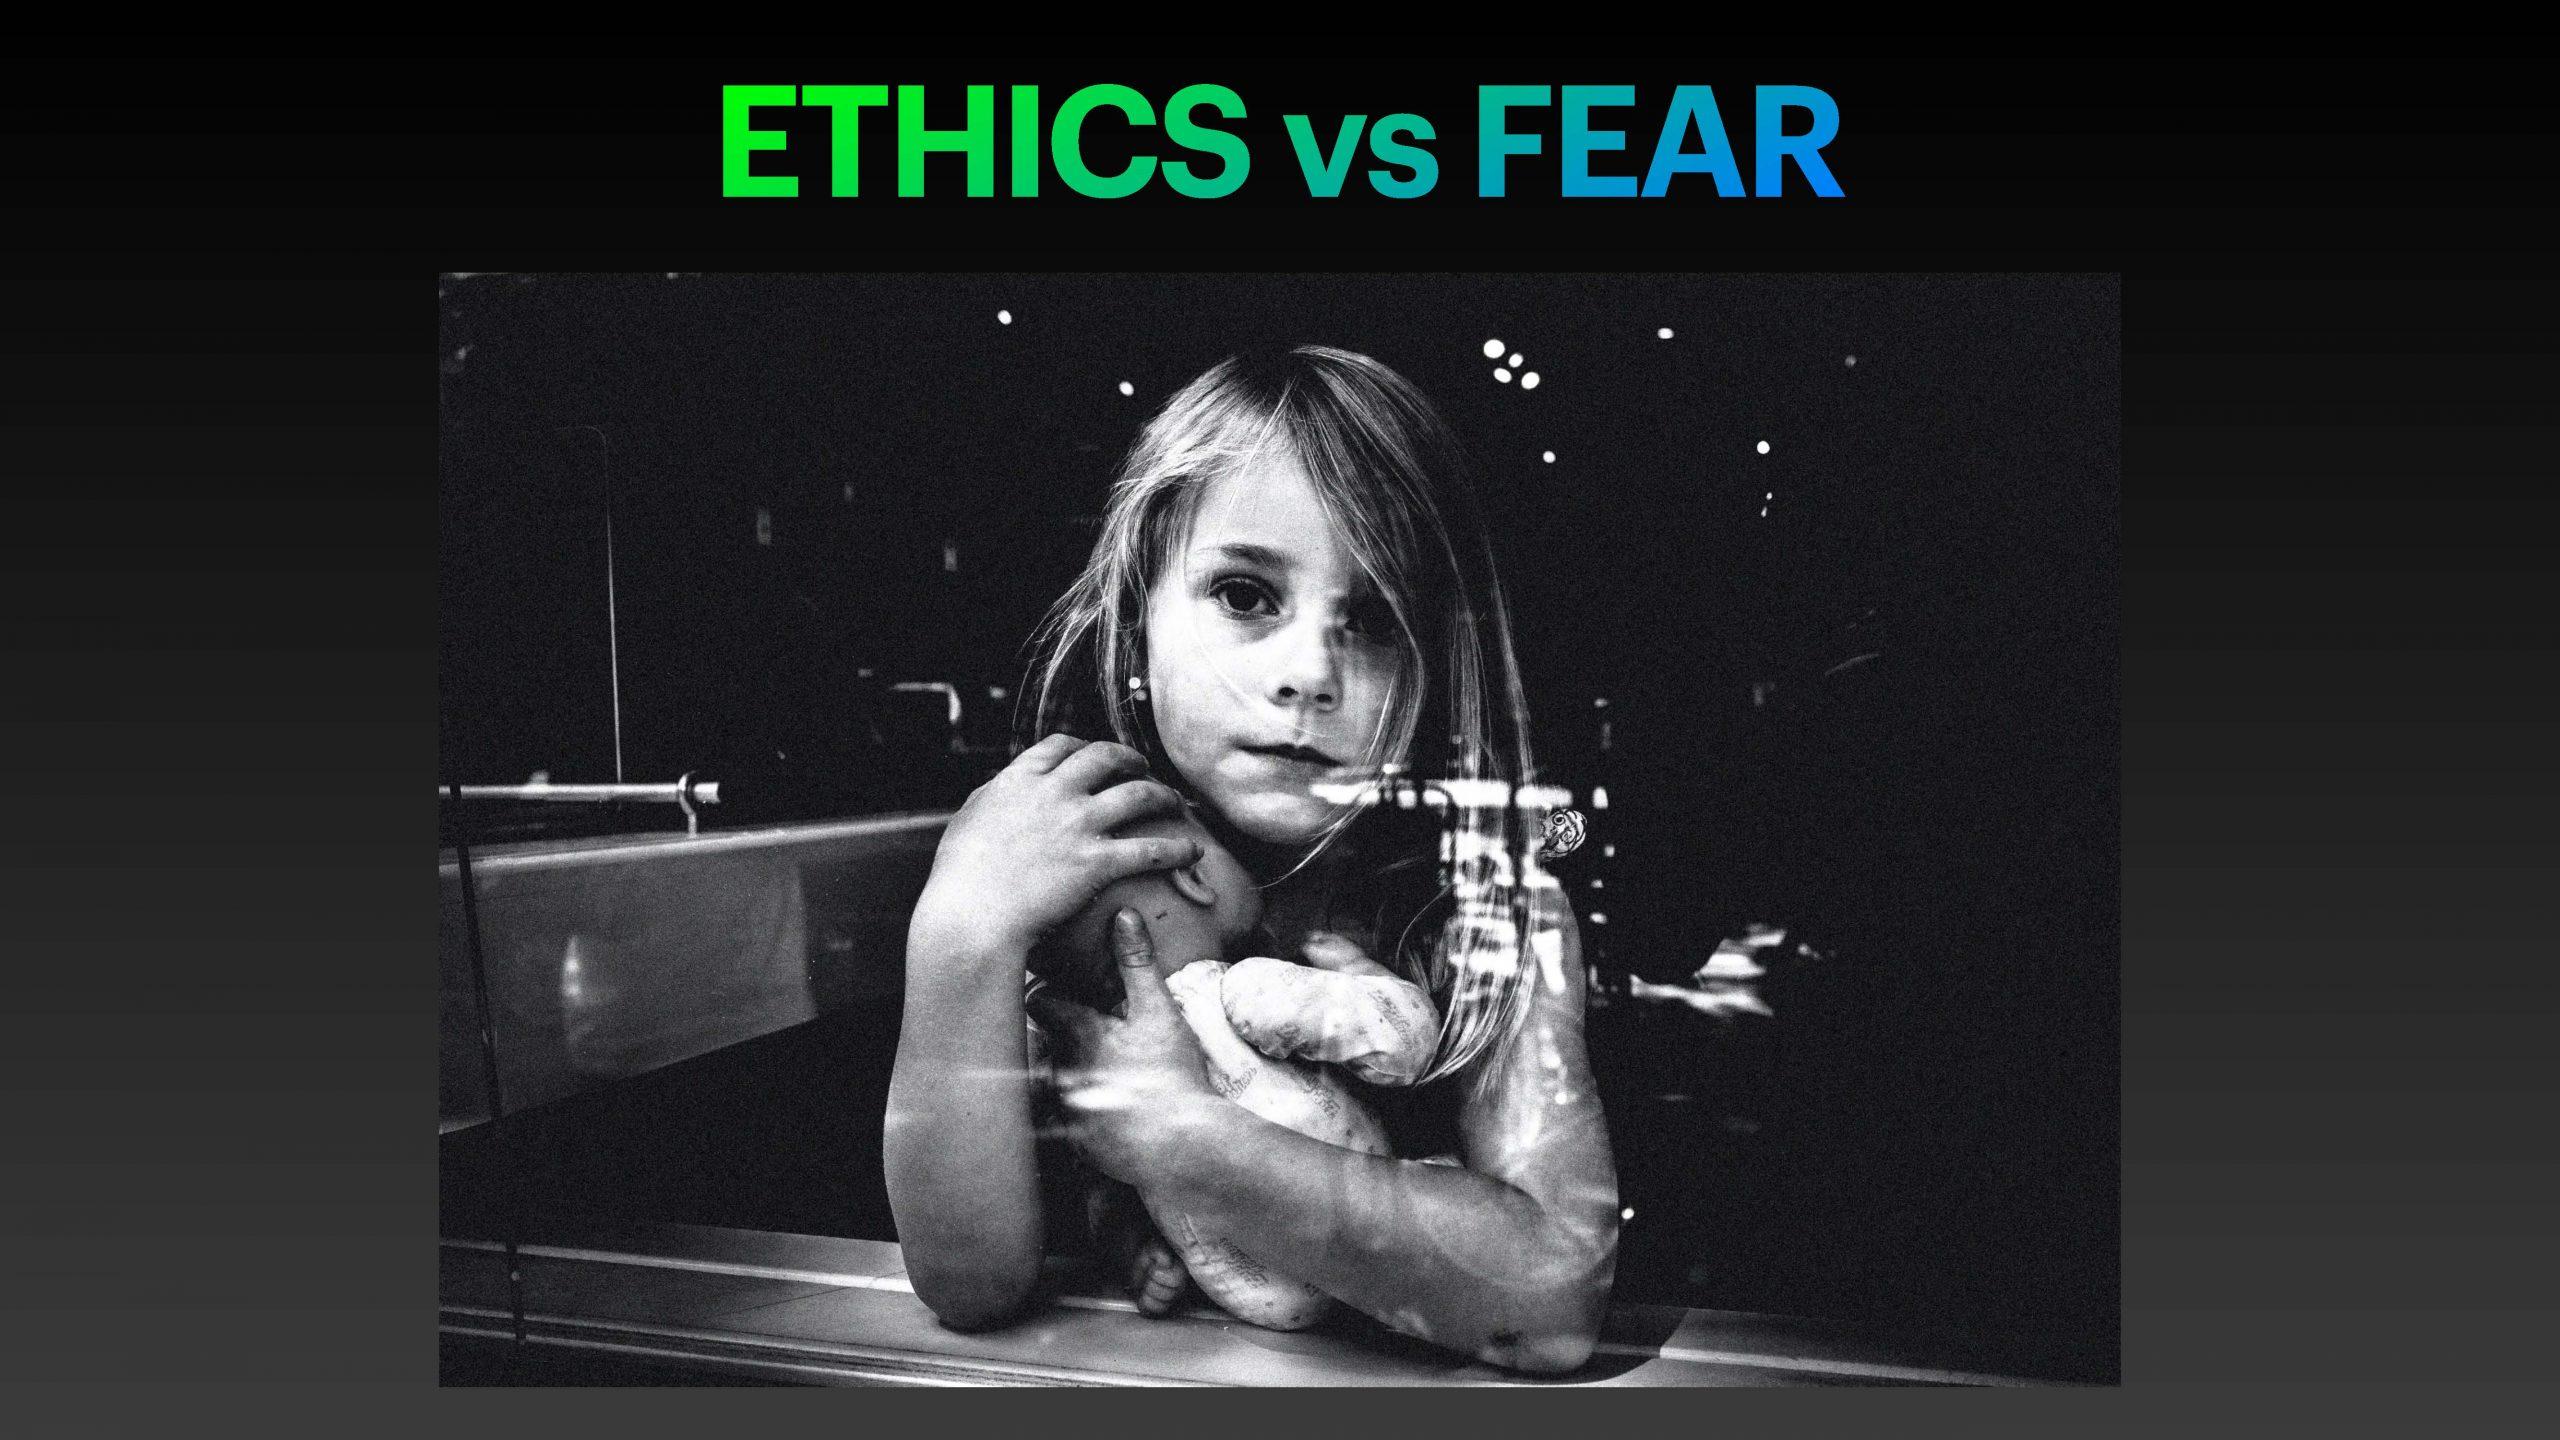 ethics vs fear